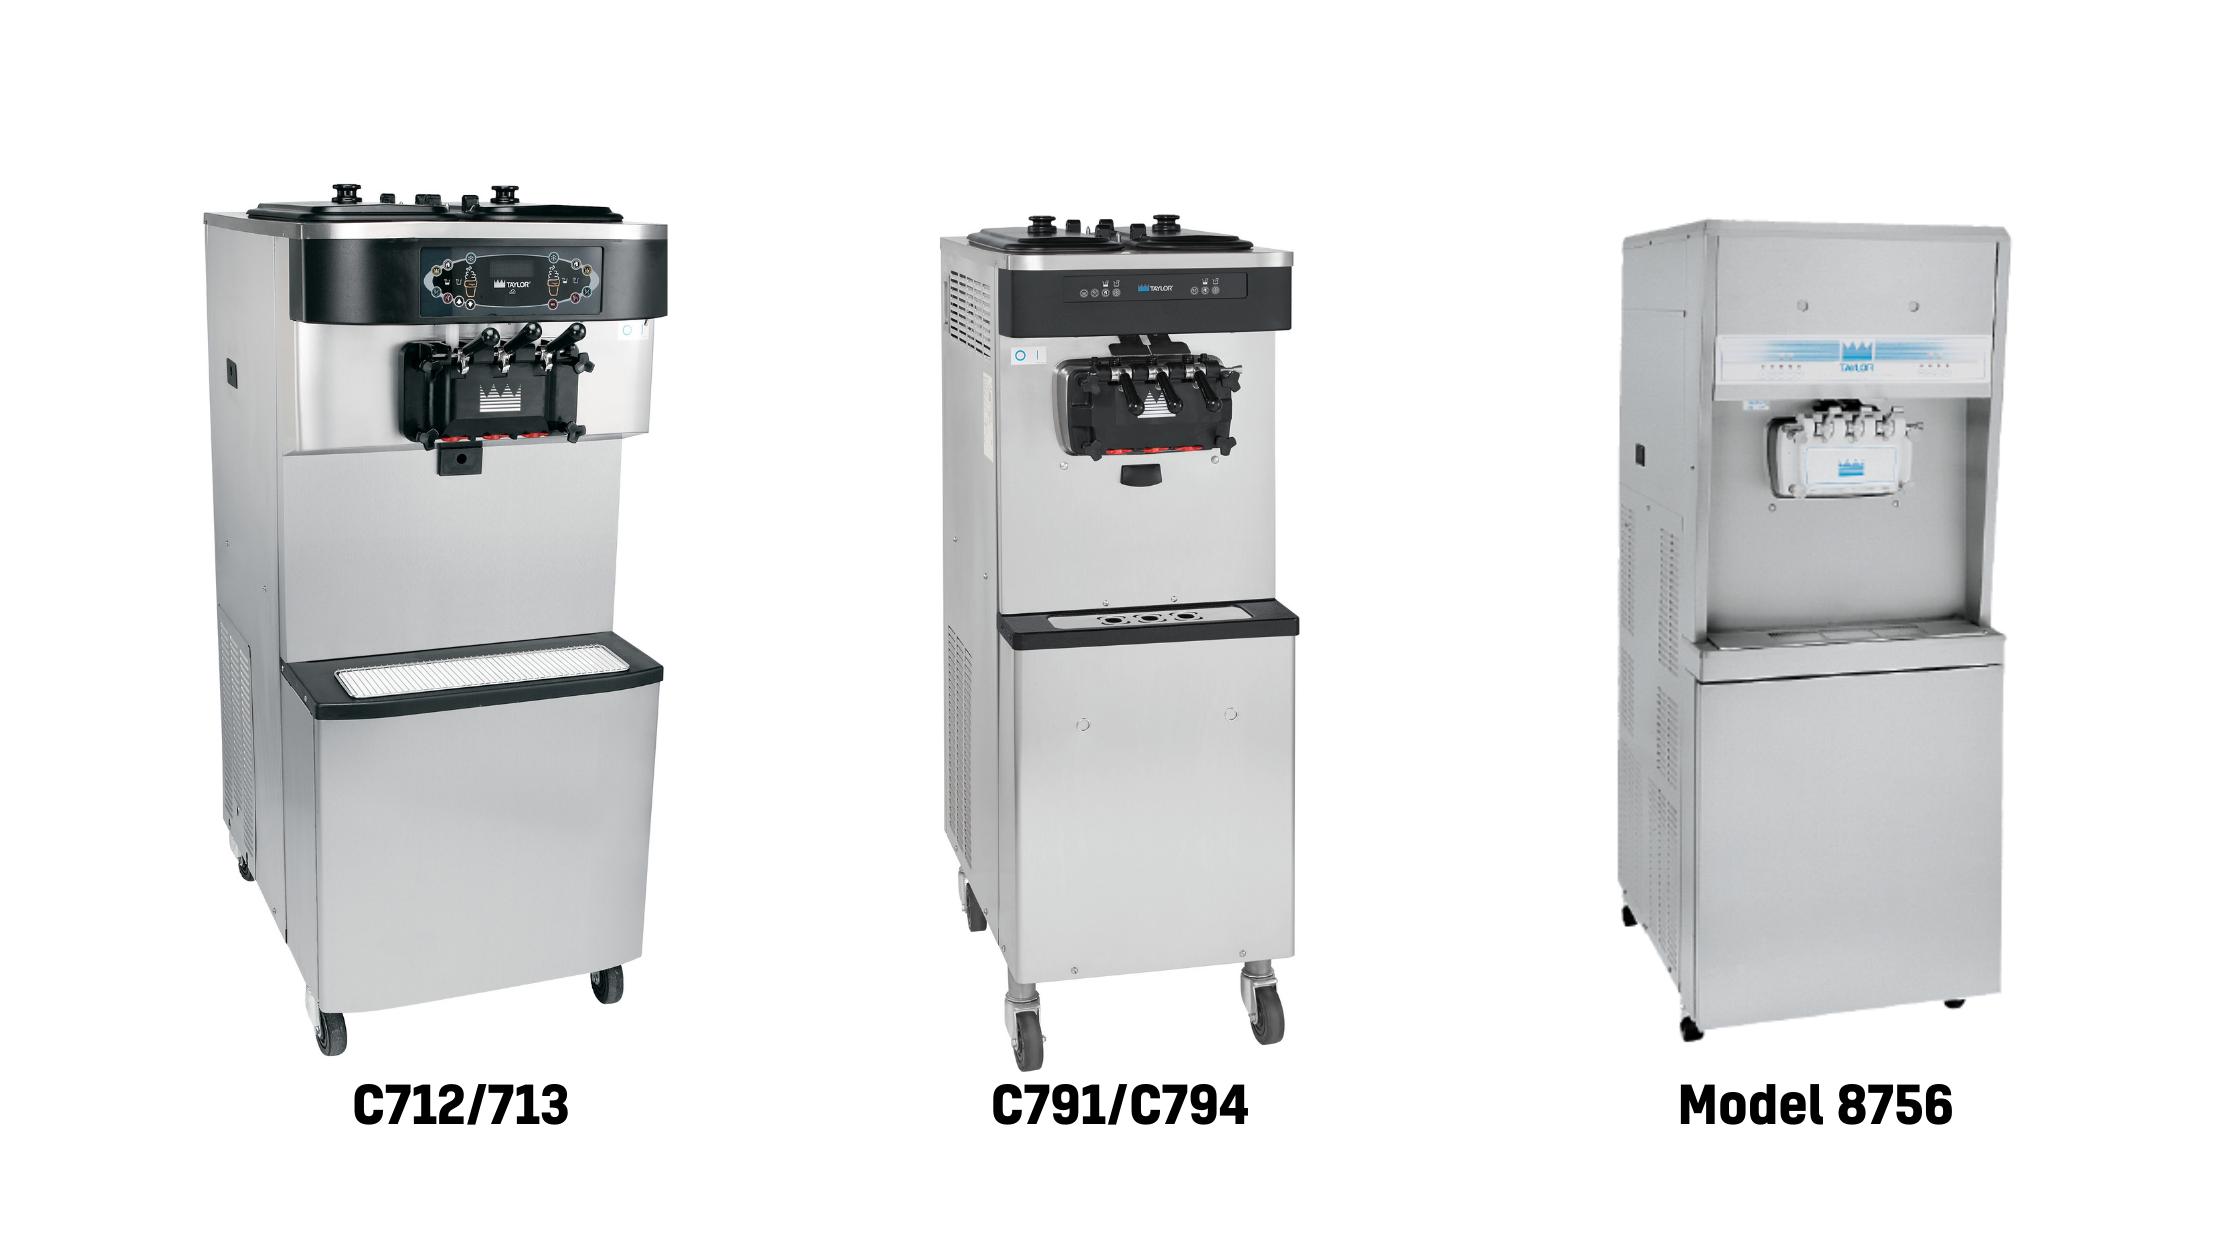 Soft Serve Models_ C712_C713, C791_C794, Model 8756